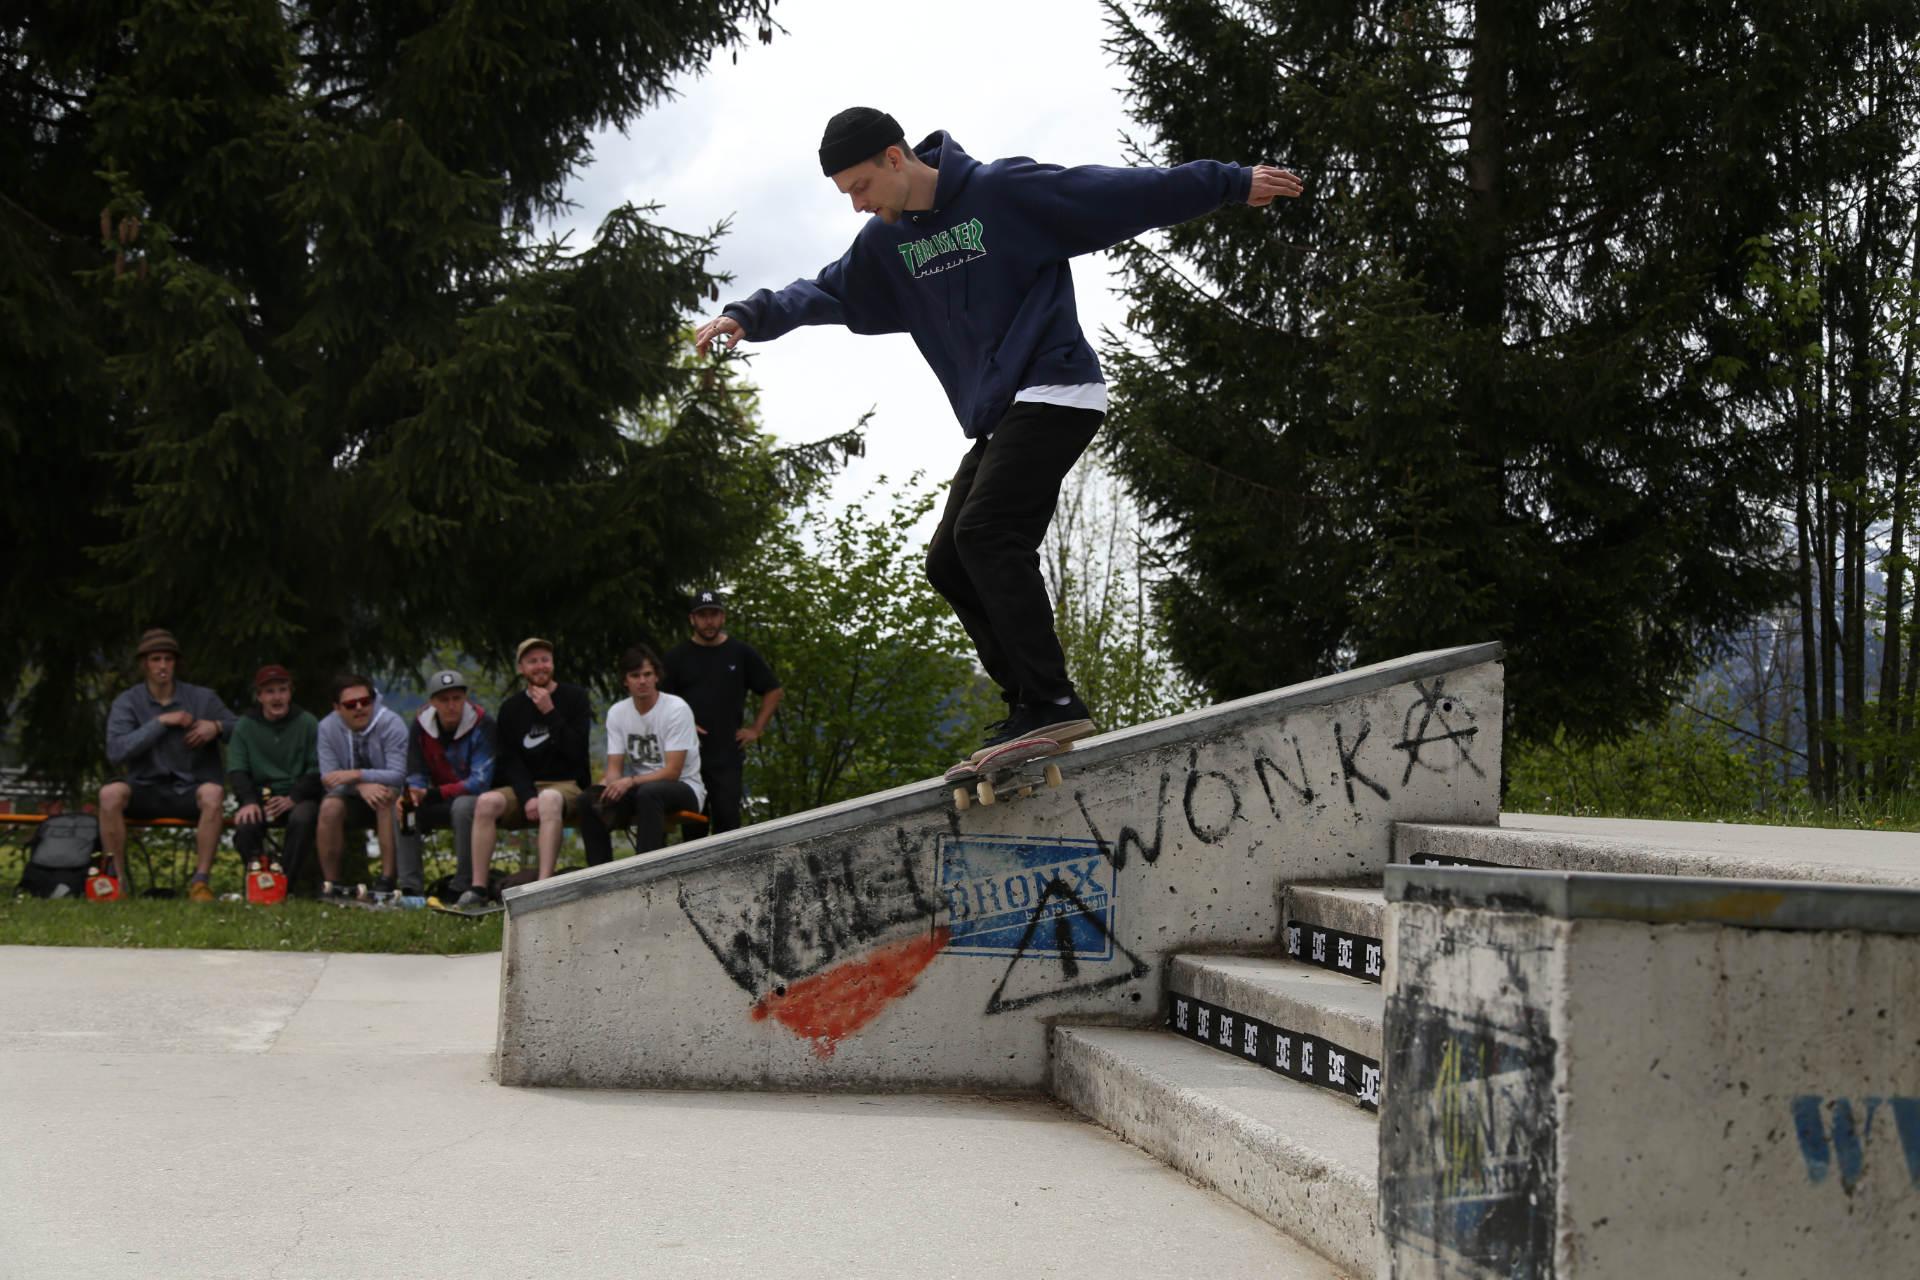 skateboard headz fieberbrunn kgt kitz gau trophy 2019 saalfelden hell00026